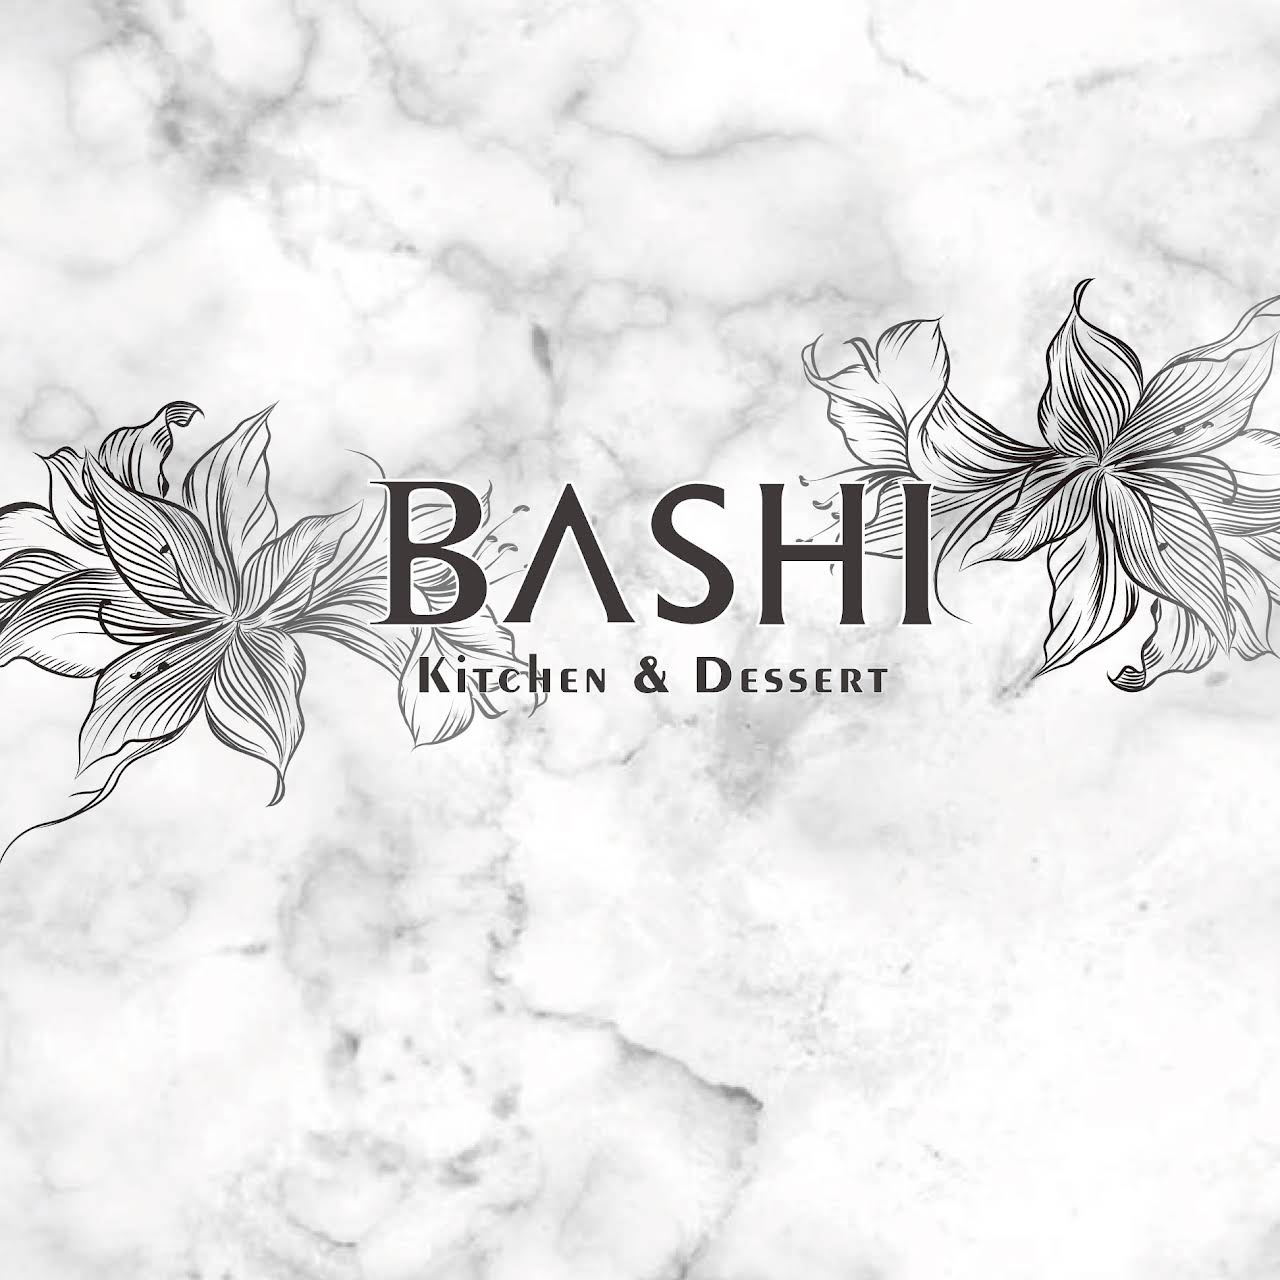 橋貳餐館 Bashi Kitchen & Dessert - 義大利餐廳.義法料理.西區.臺中.臺灣